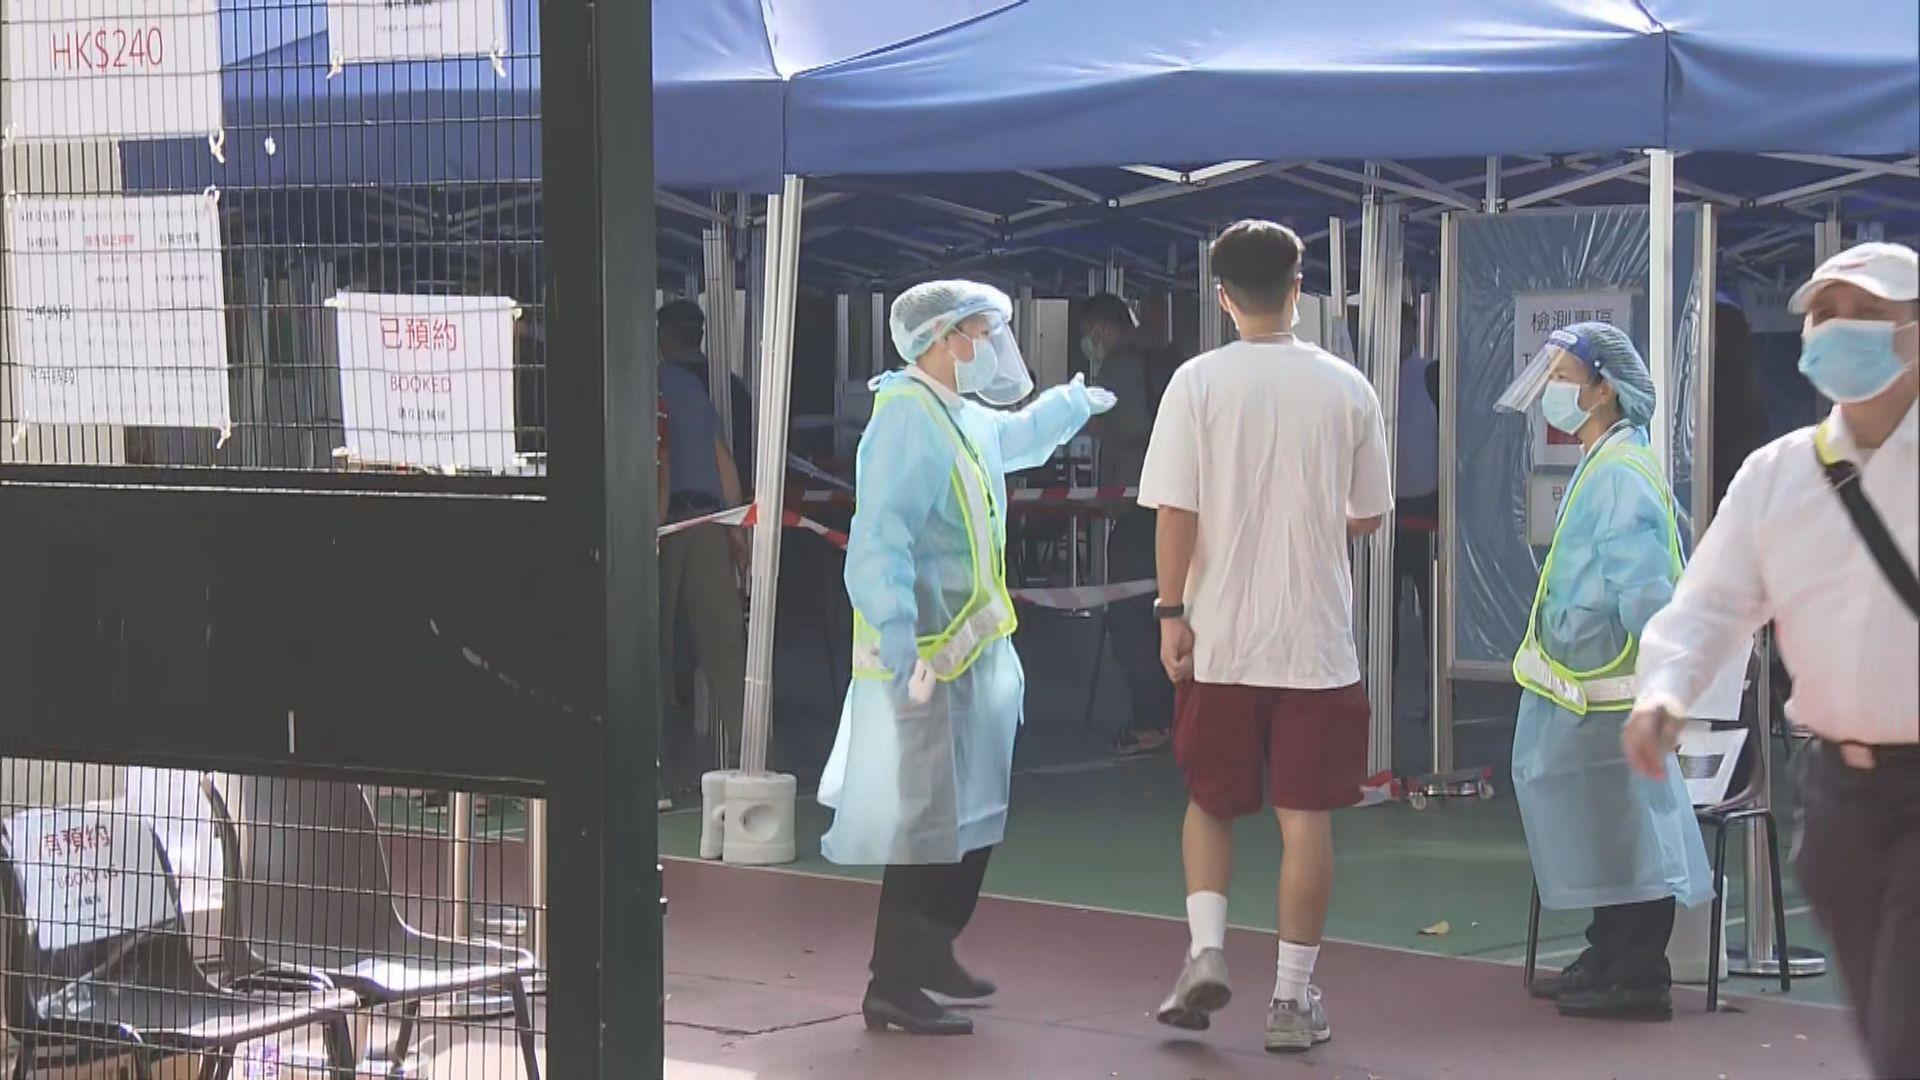 林鄭:本港難推行全民強制檢測因不能配合禁足令